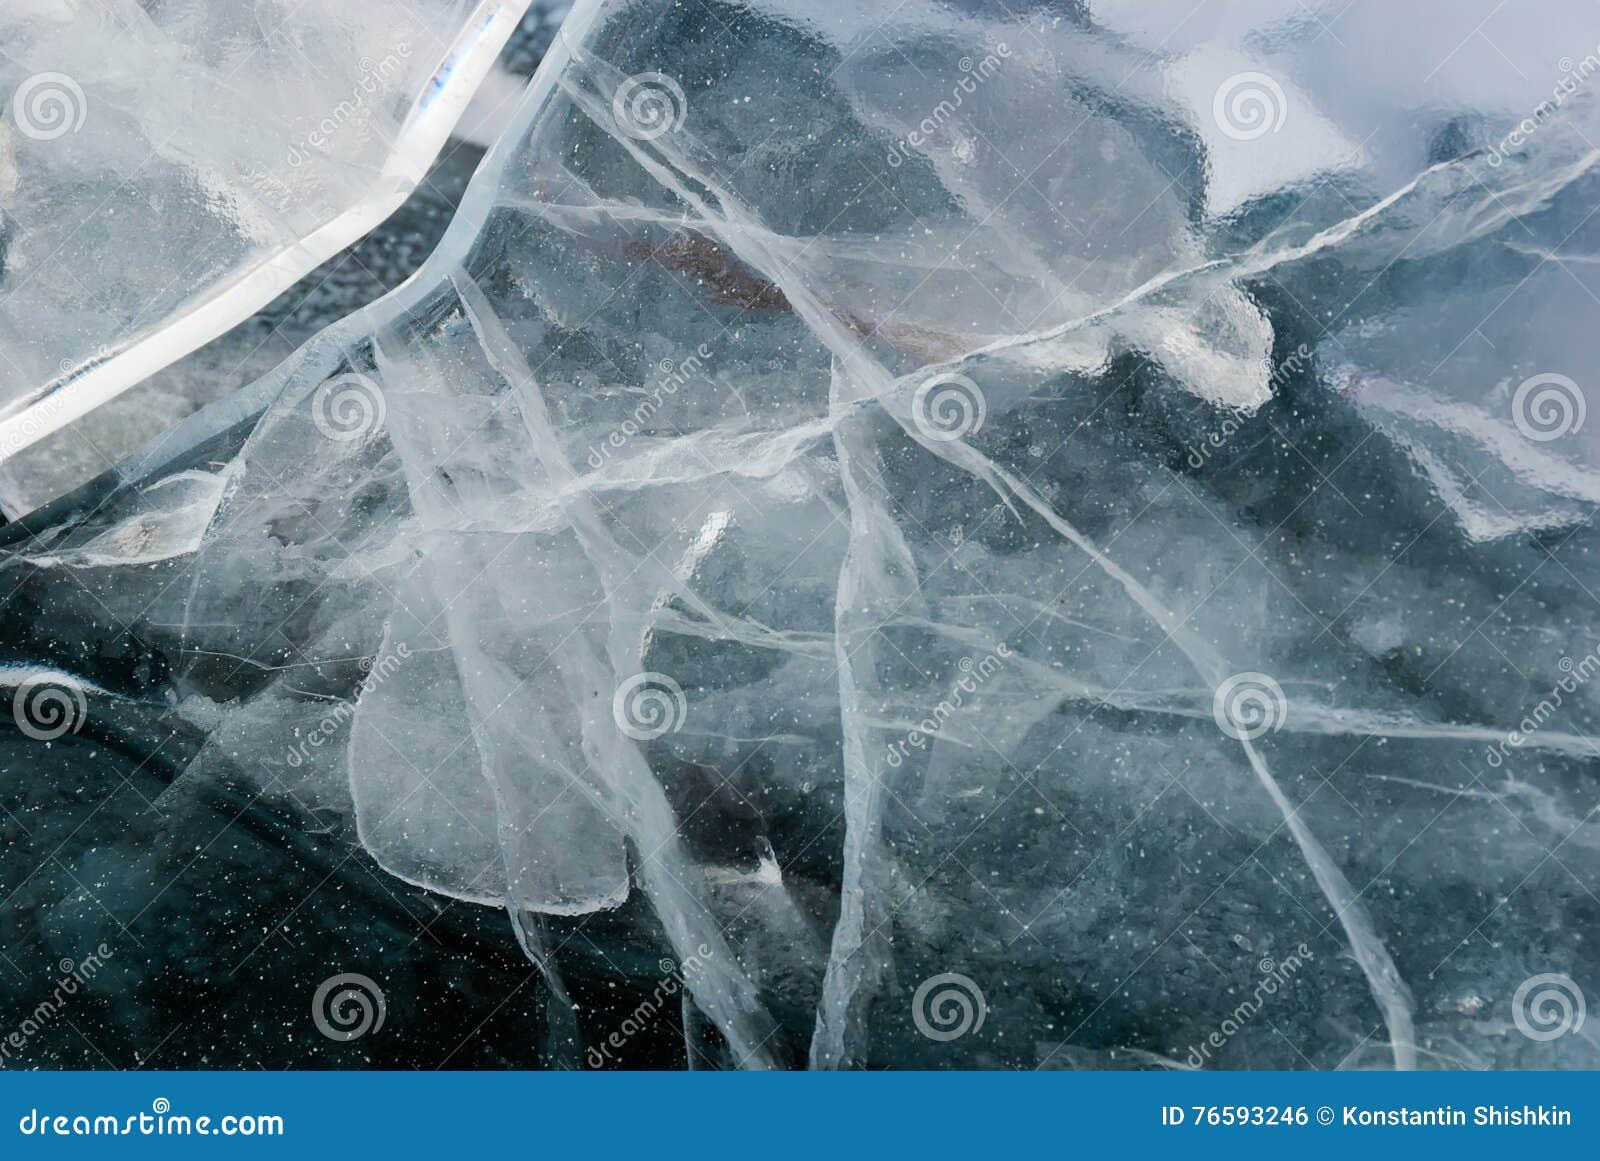 Cracked Ice Background Stock Photo Image Of Macro